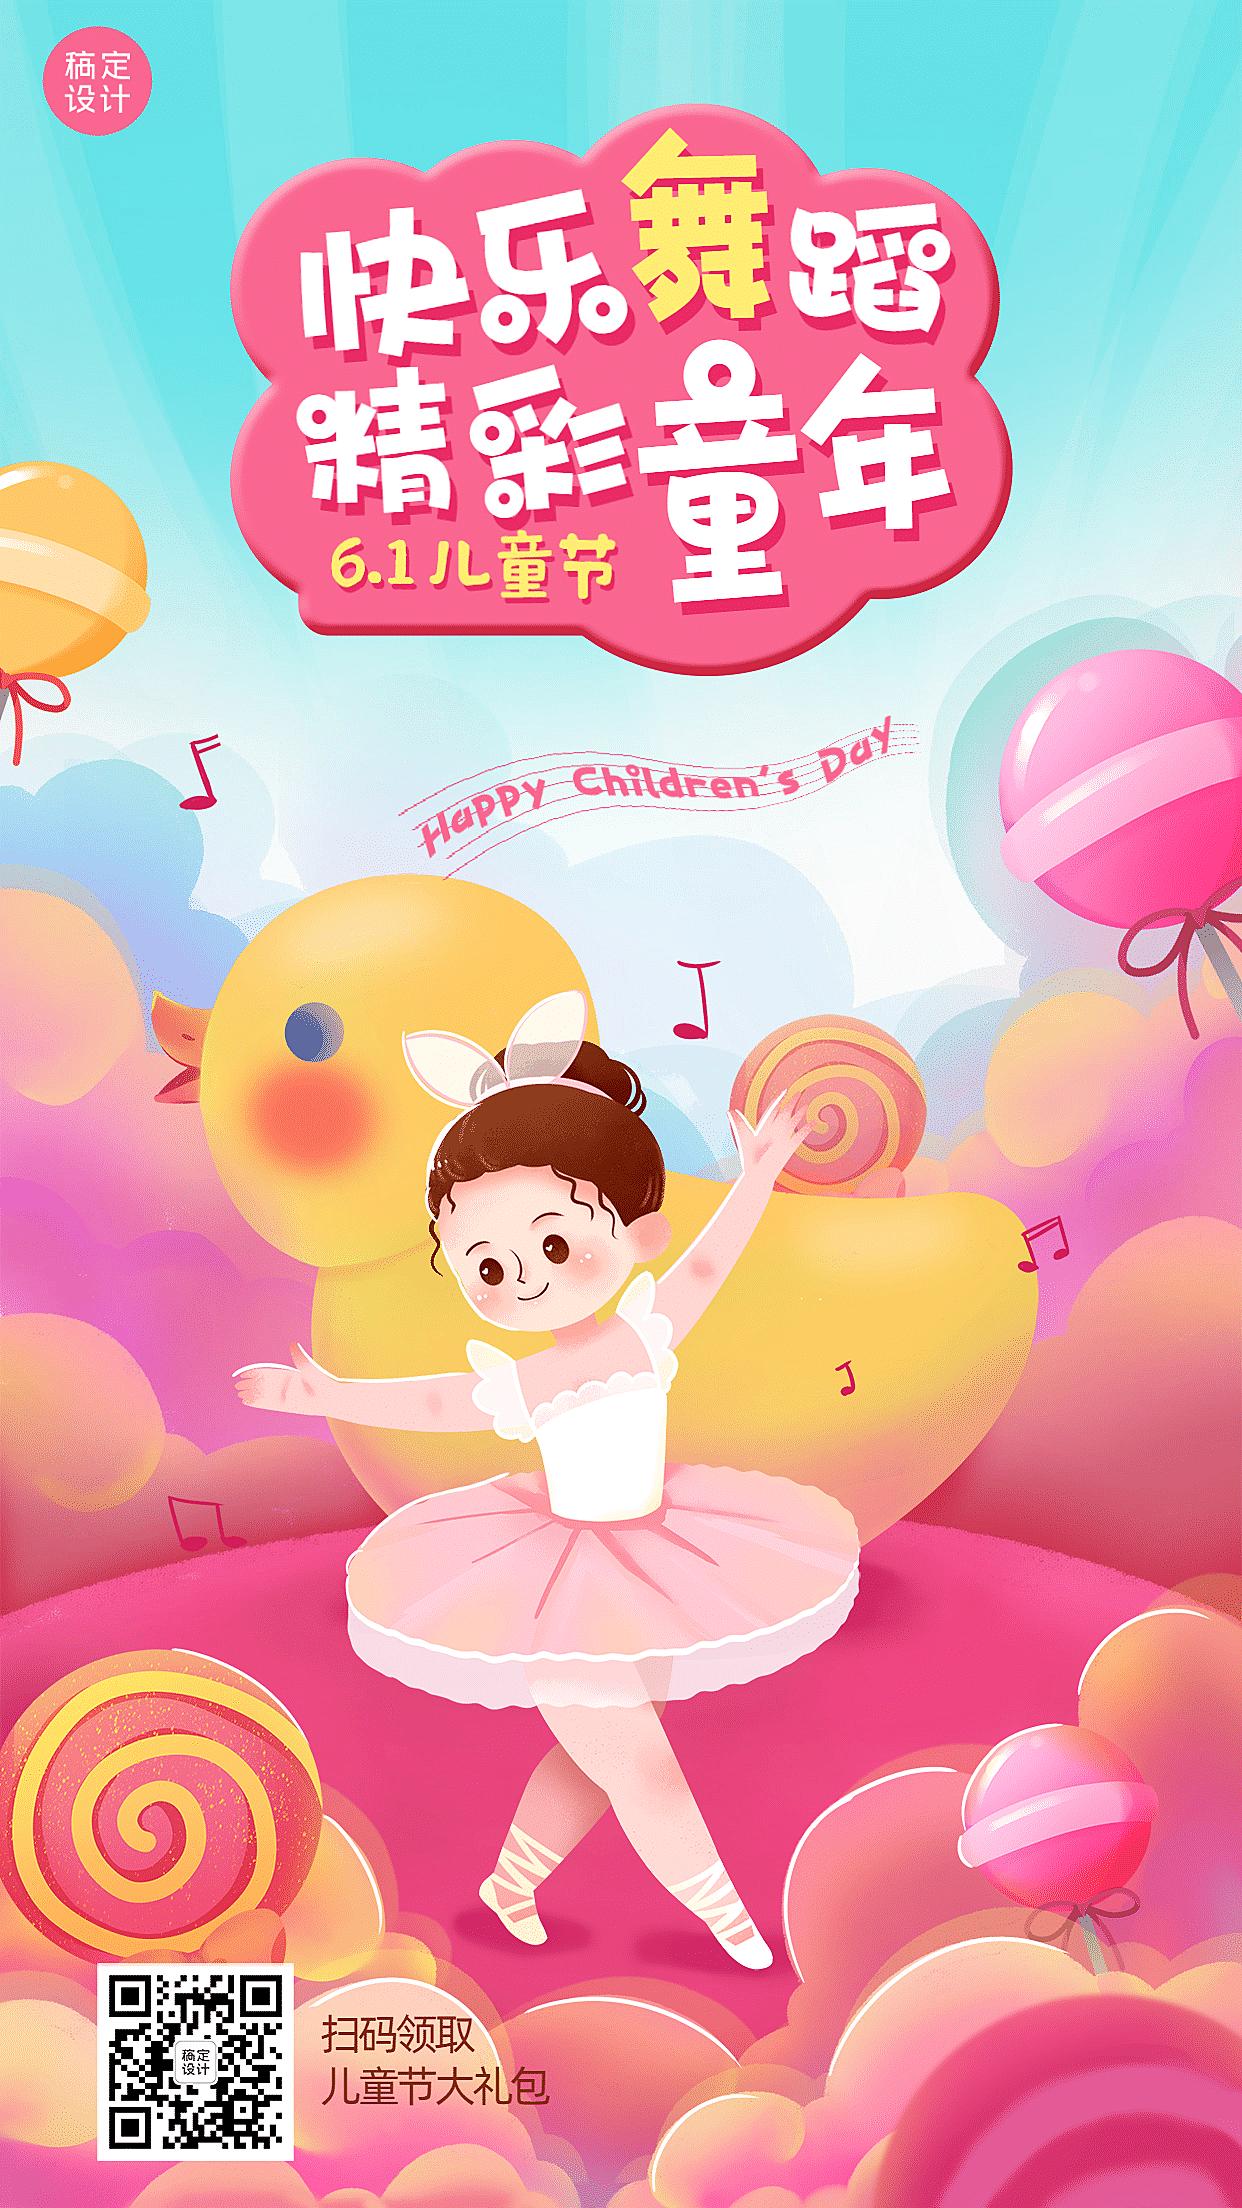 六一儿童节少儿舞蹈节日祝福海报